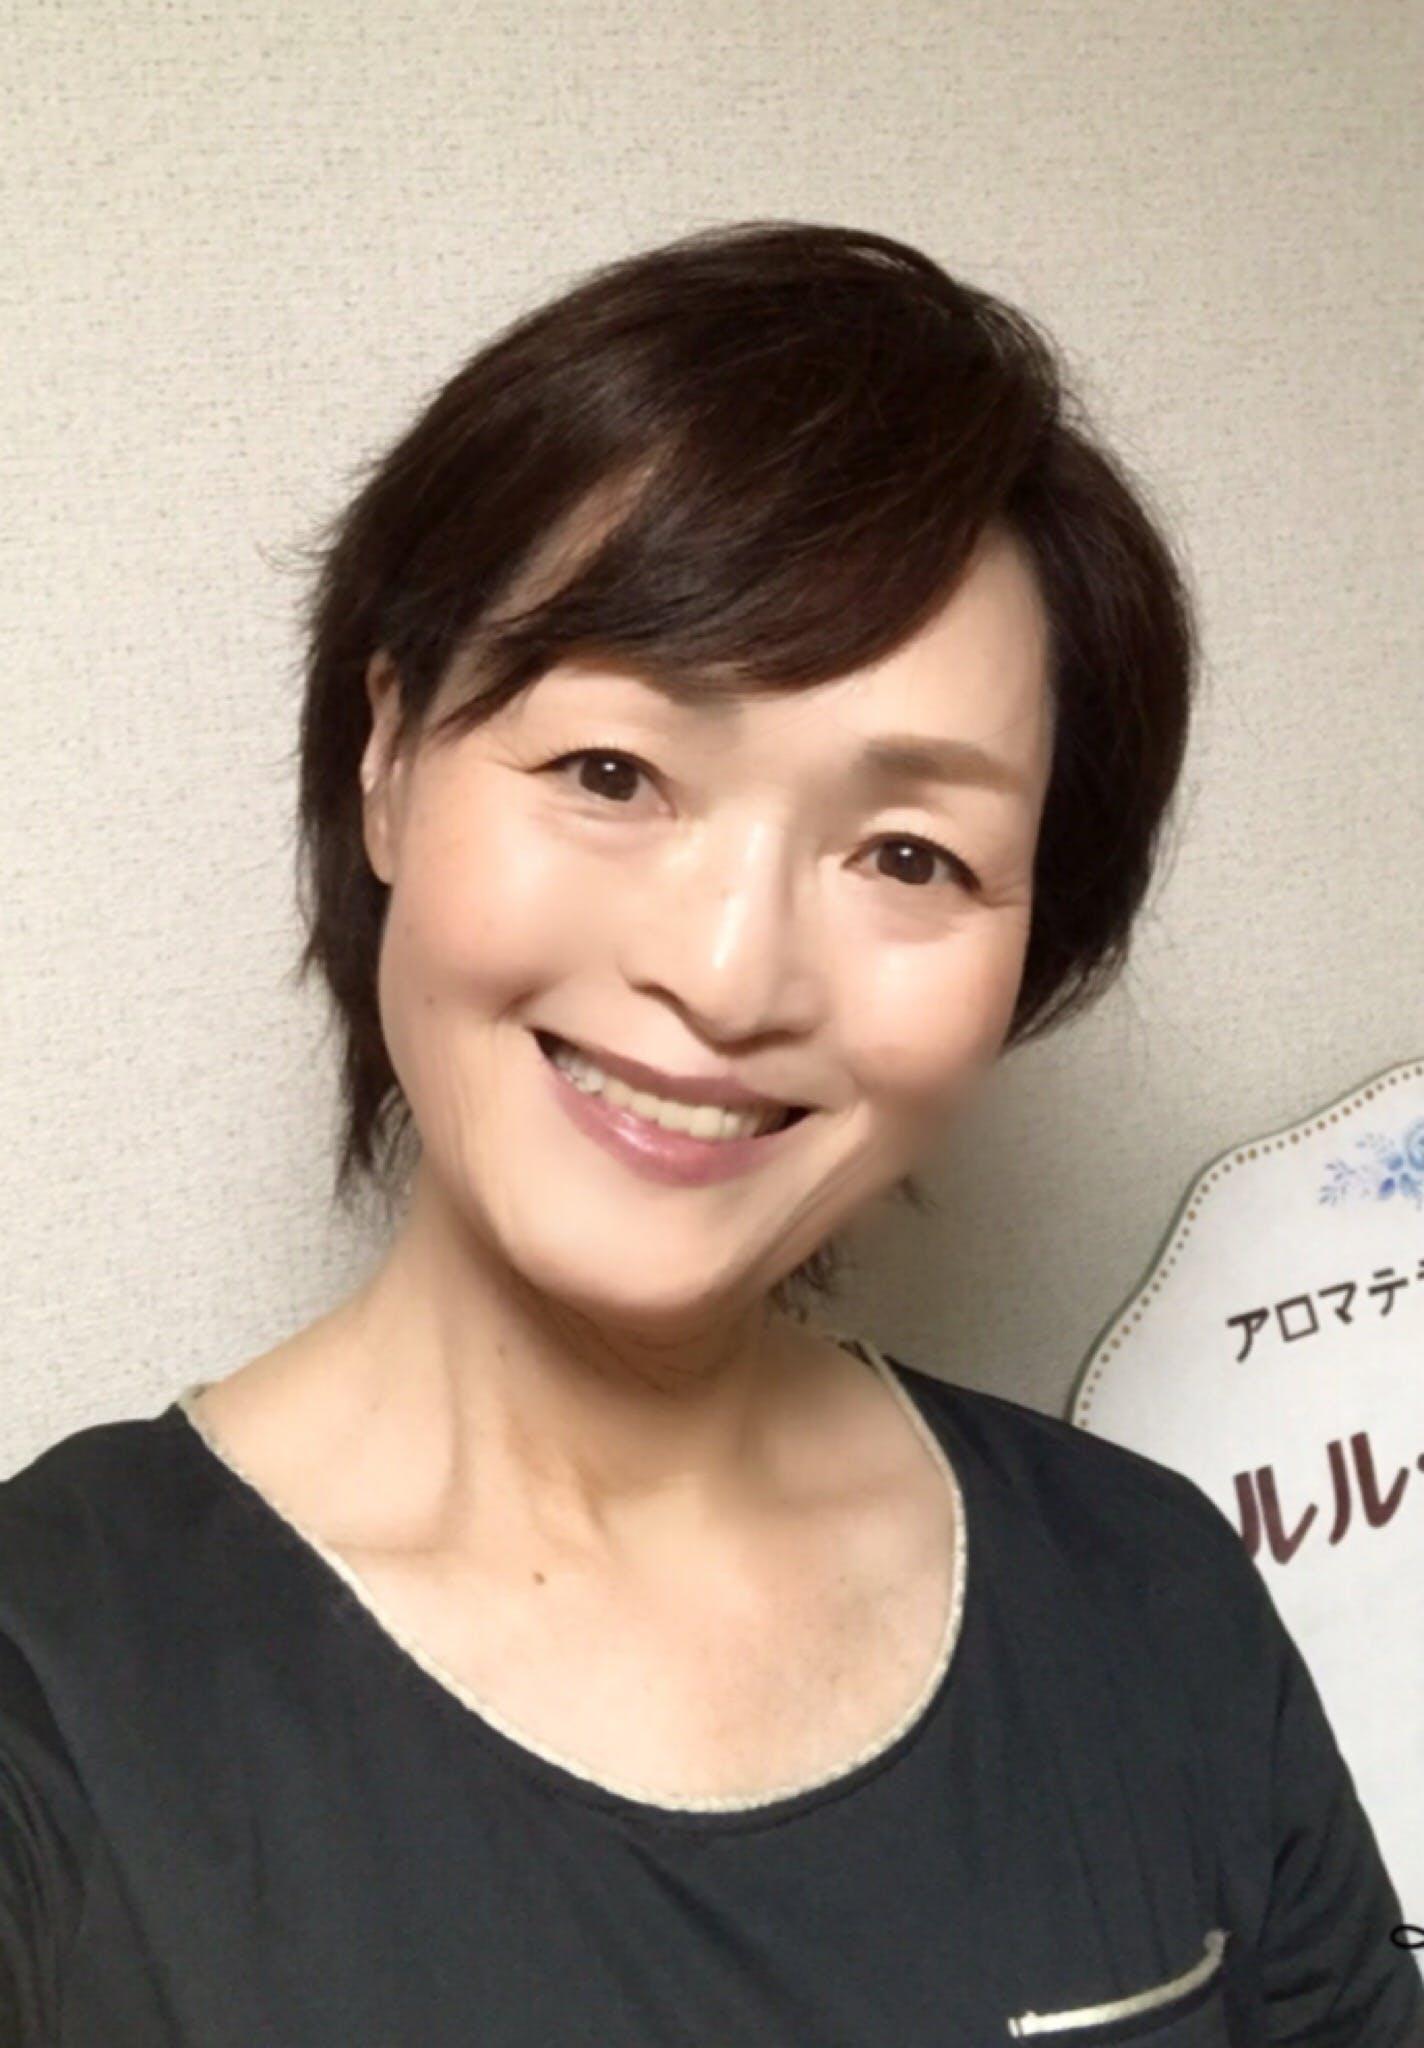 ダイエット専門サロン ルル.マリィユ  lulu-marieyu